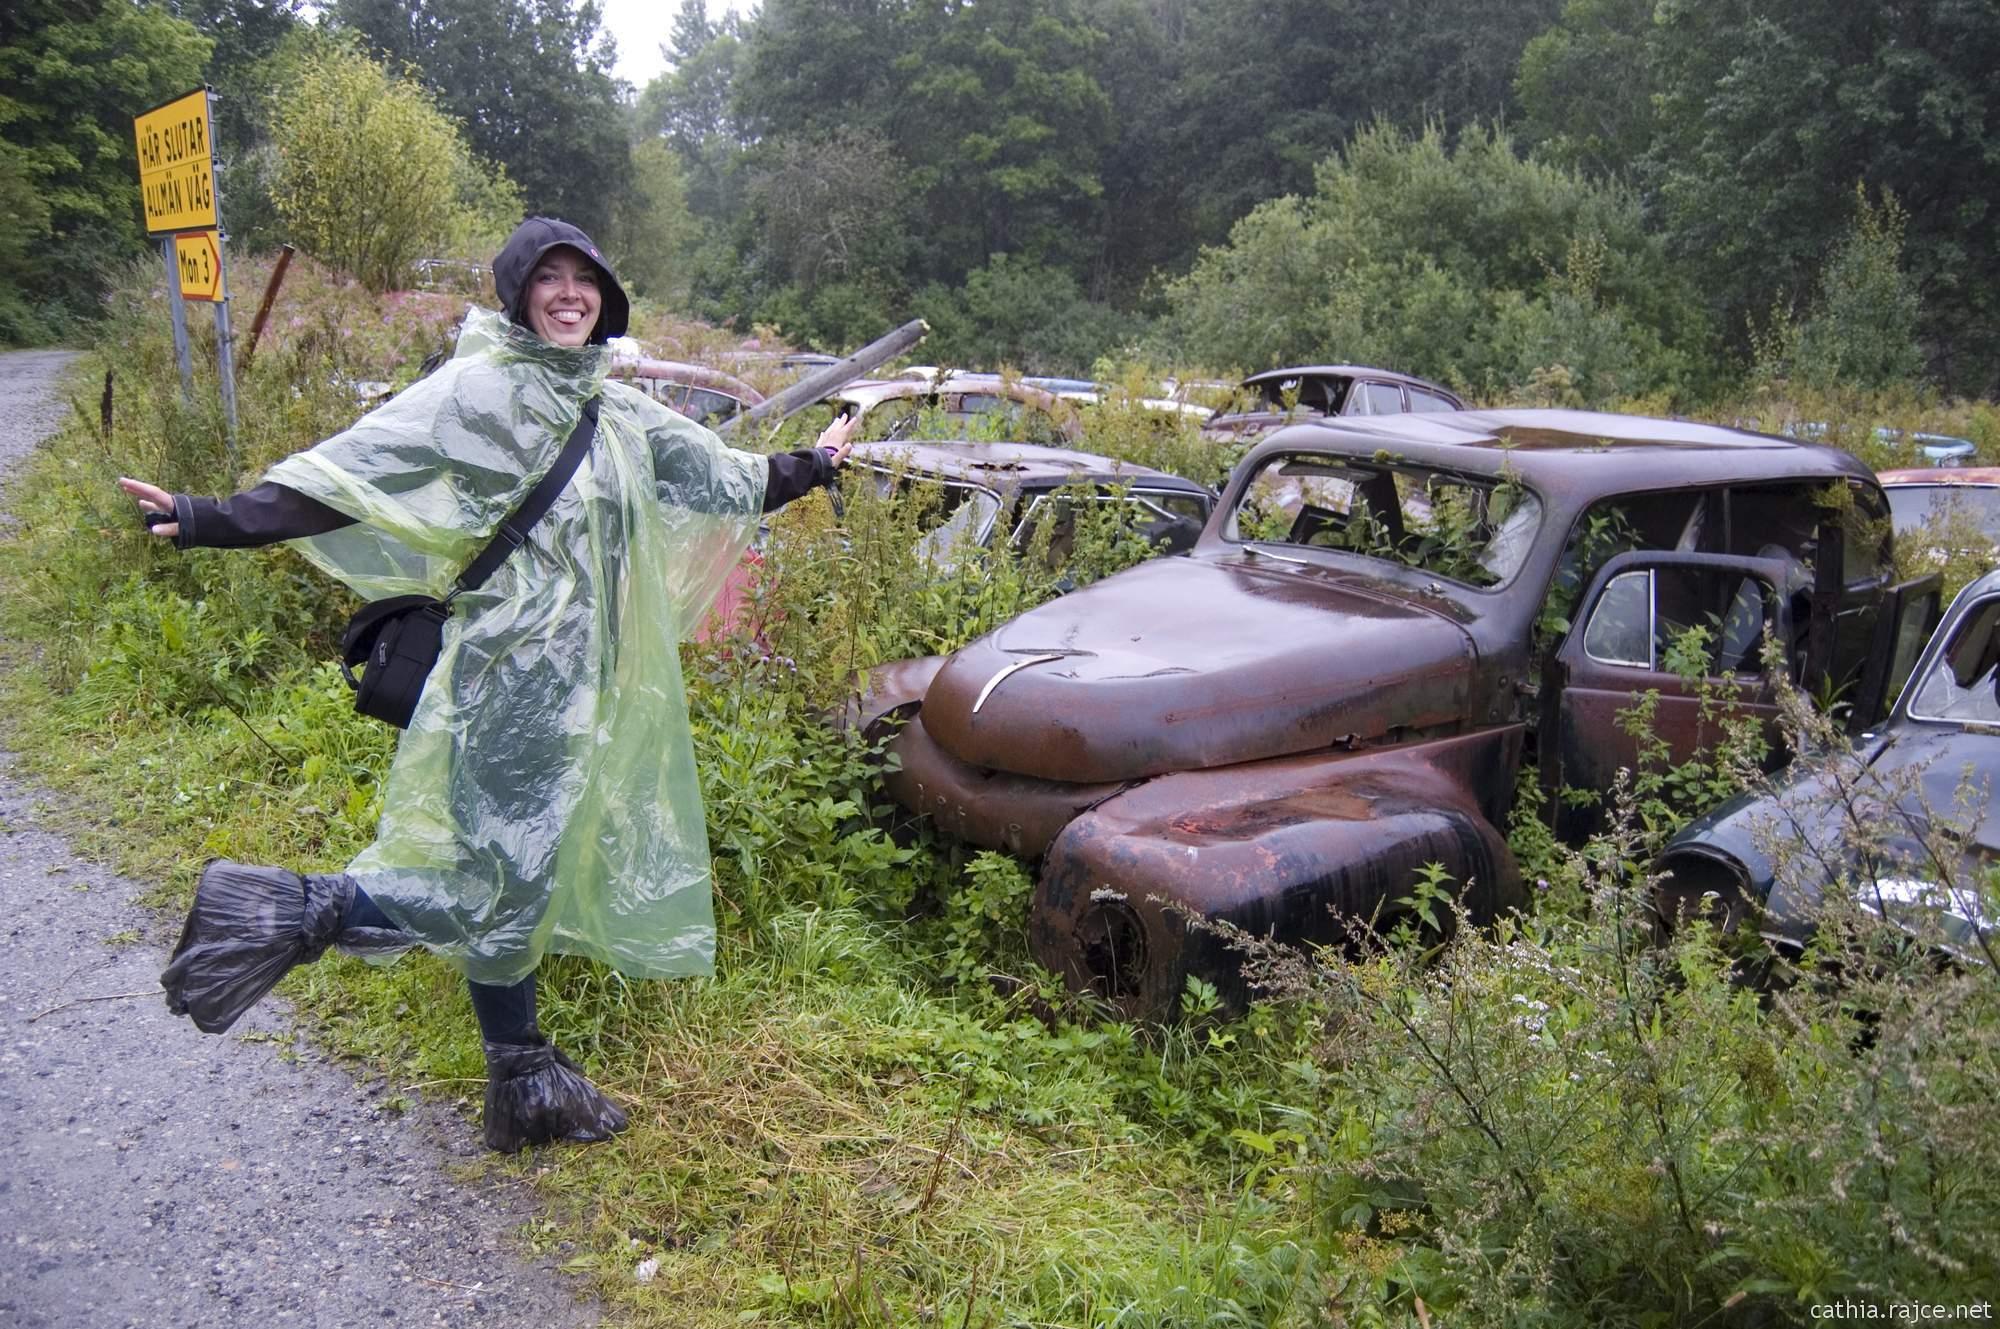 Hřbitov aut - Bastnas